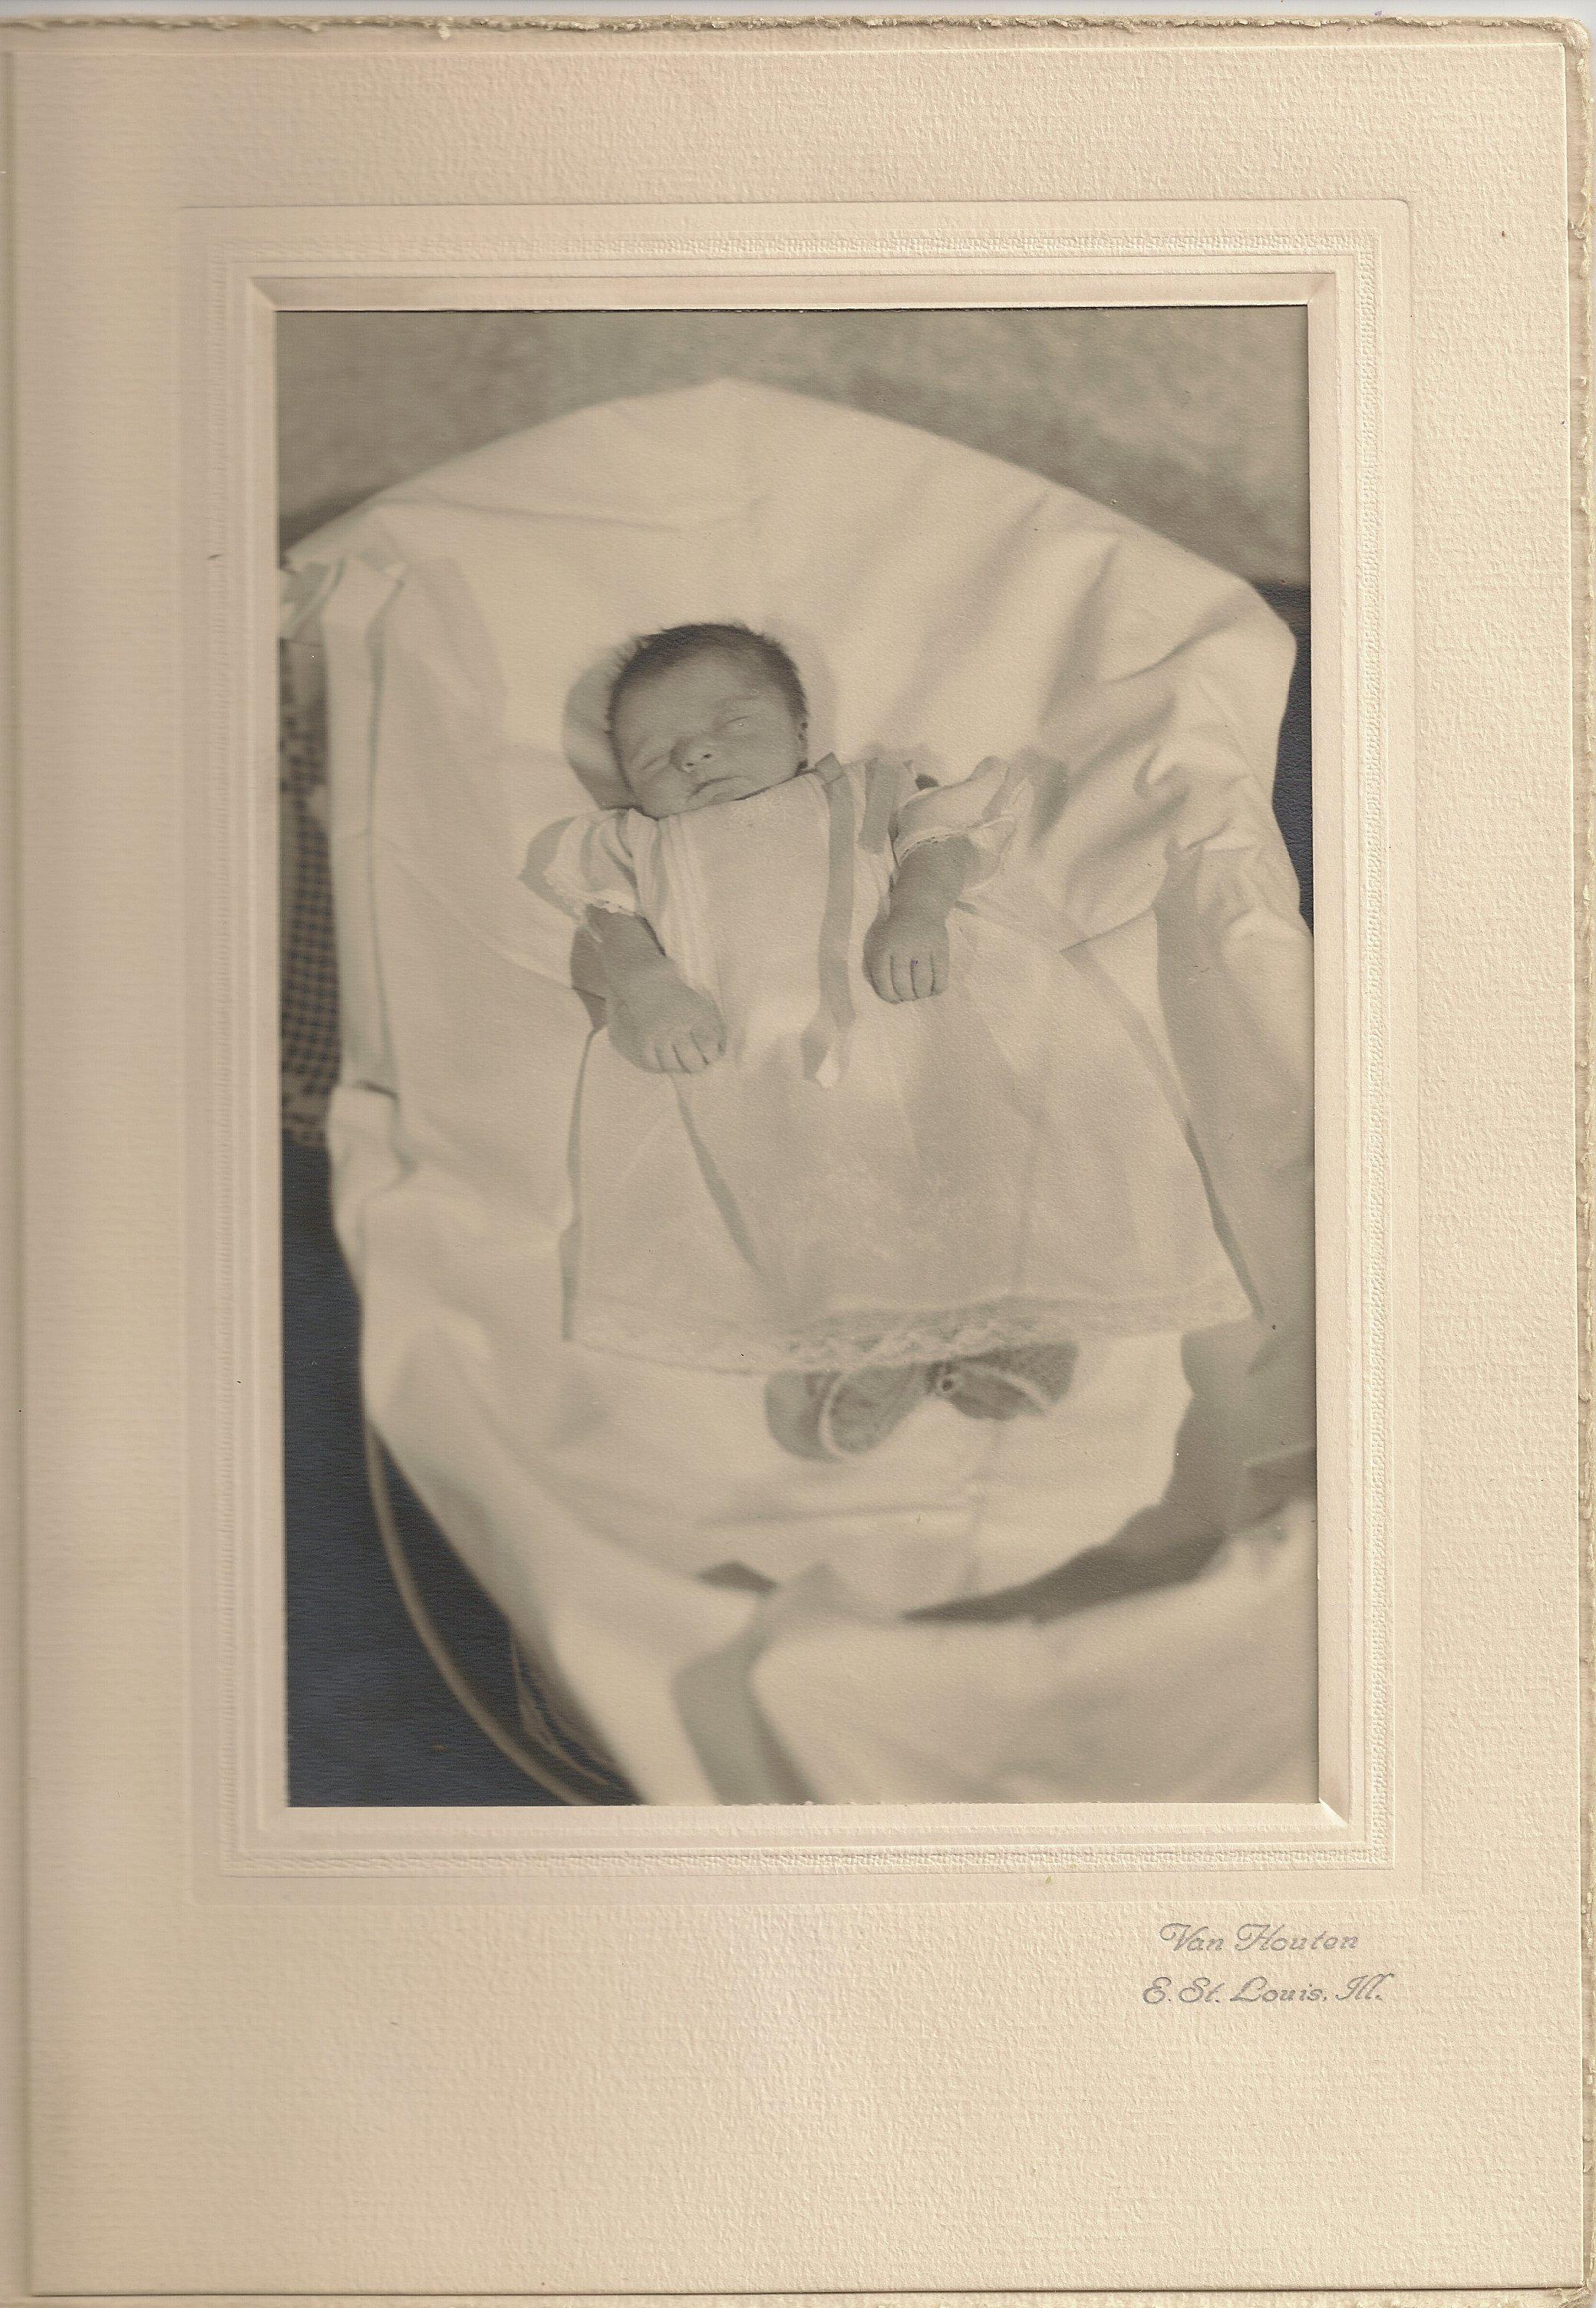 George Lewis Heins